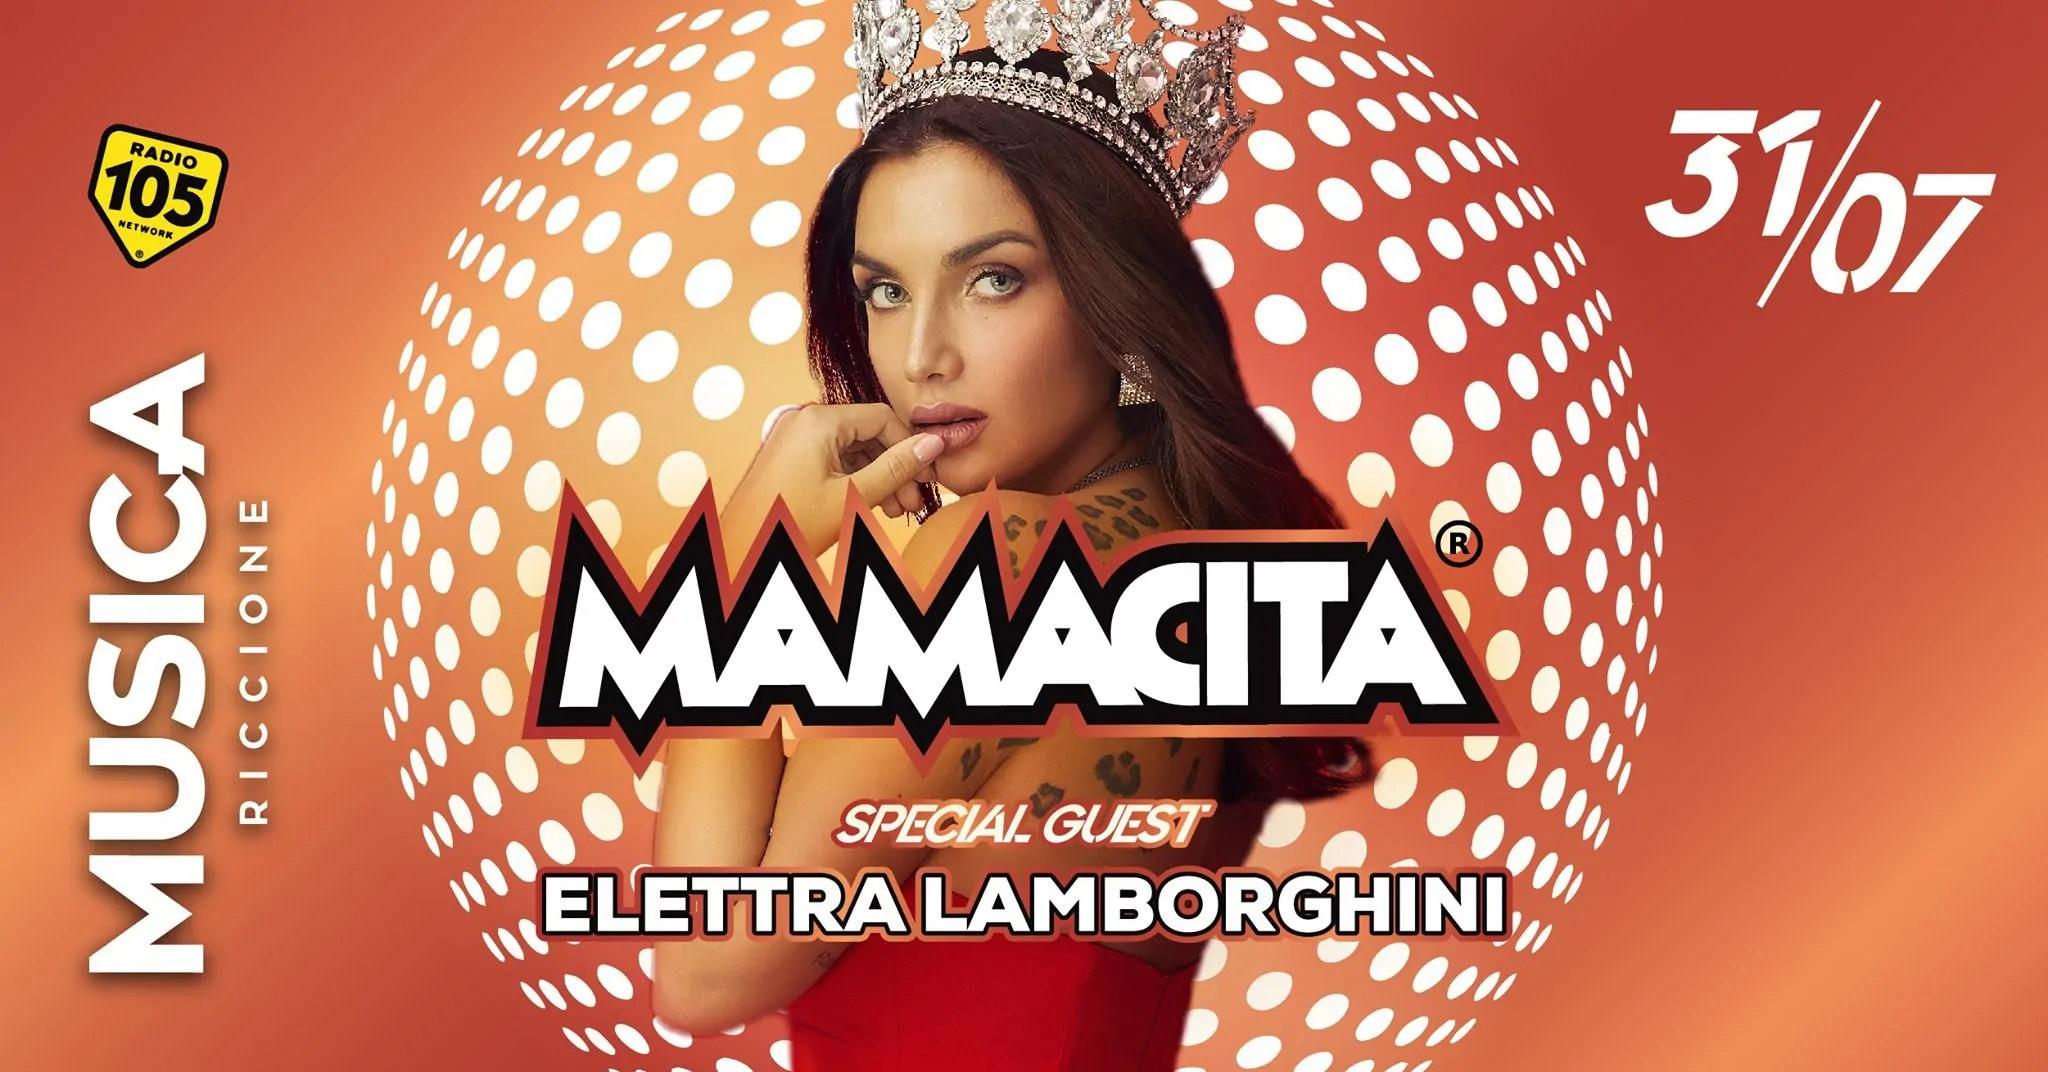 Elettra Lamborghini Mamacita Musica Riccione